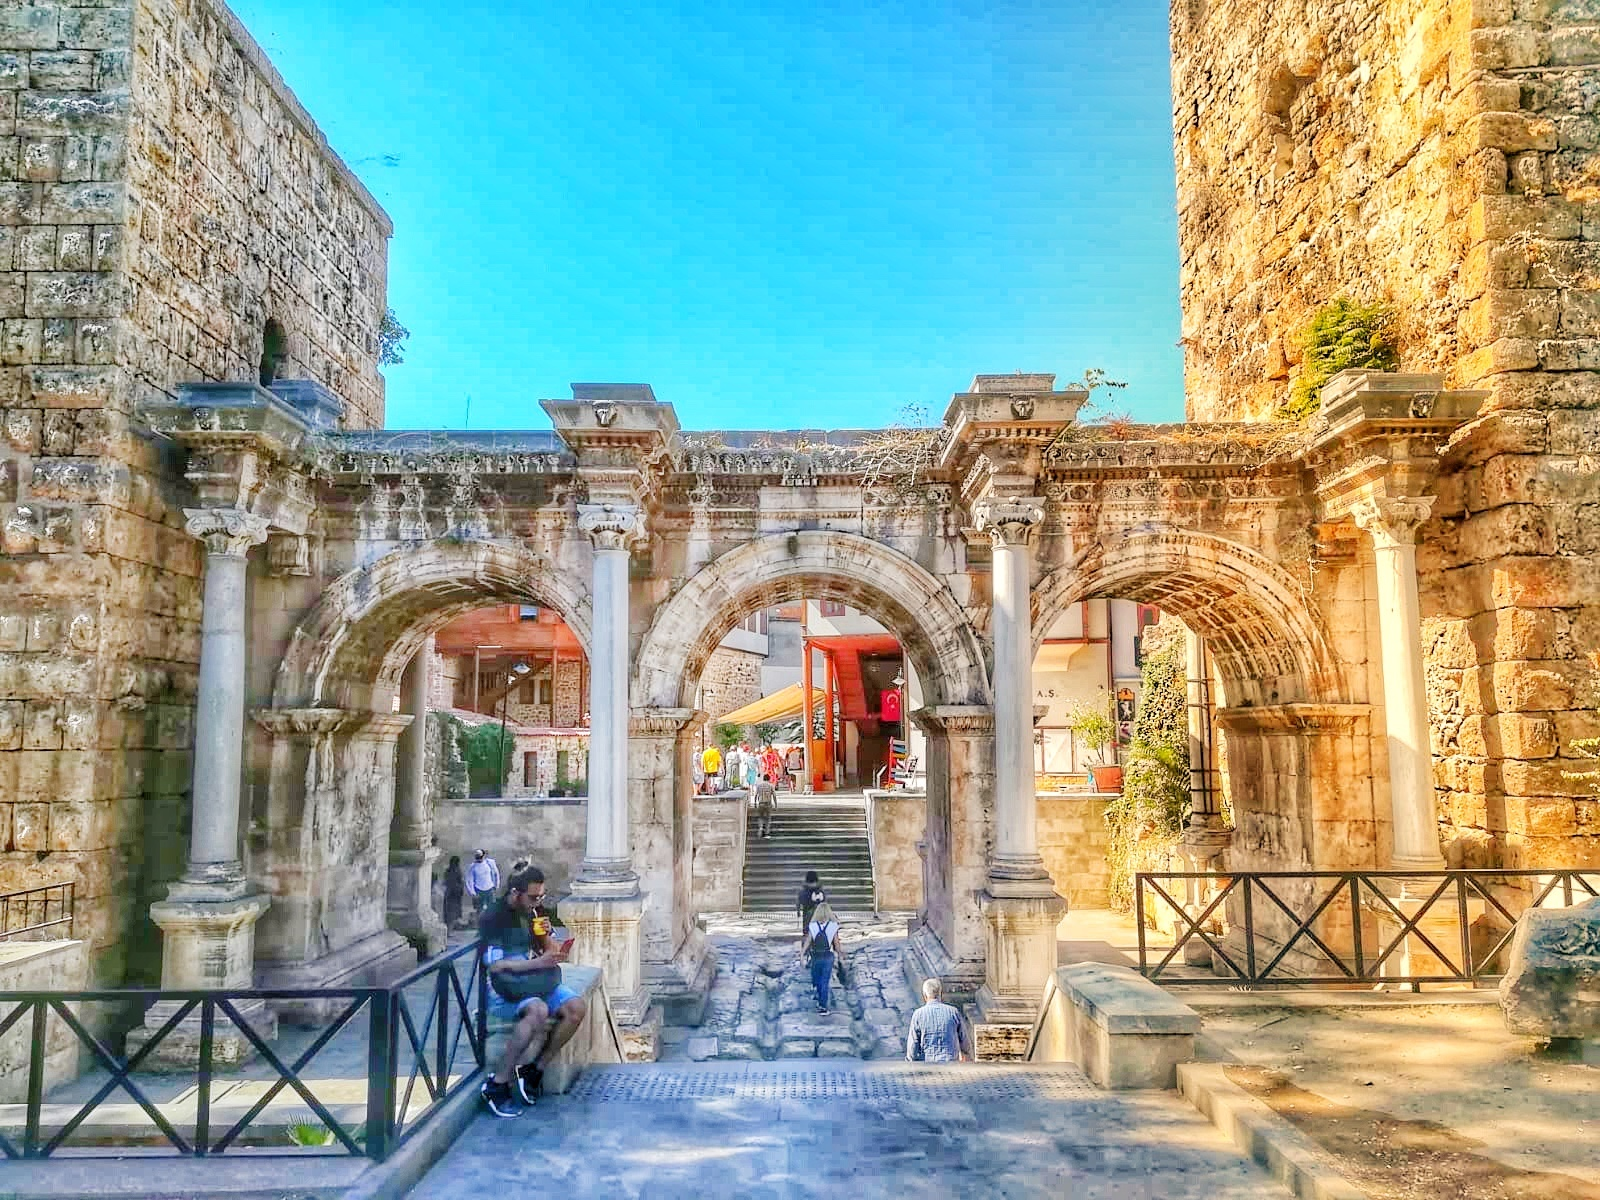 Besplatno mjesto za upoznavanje Libanon